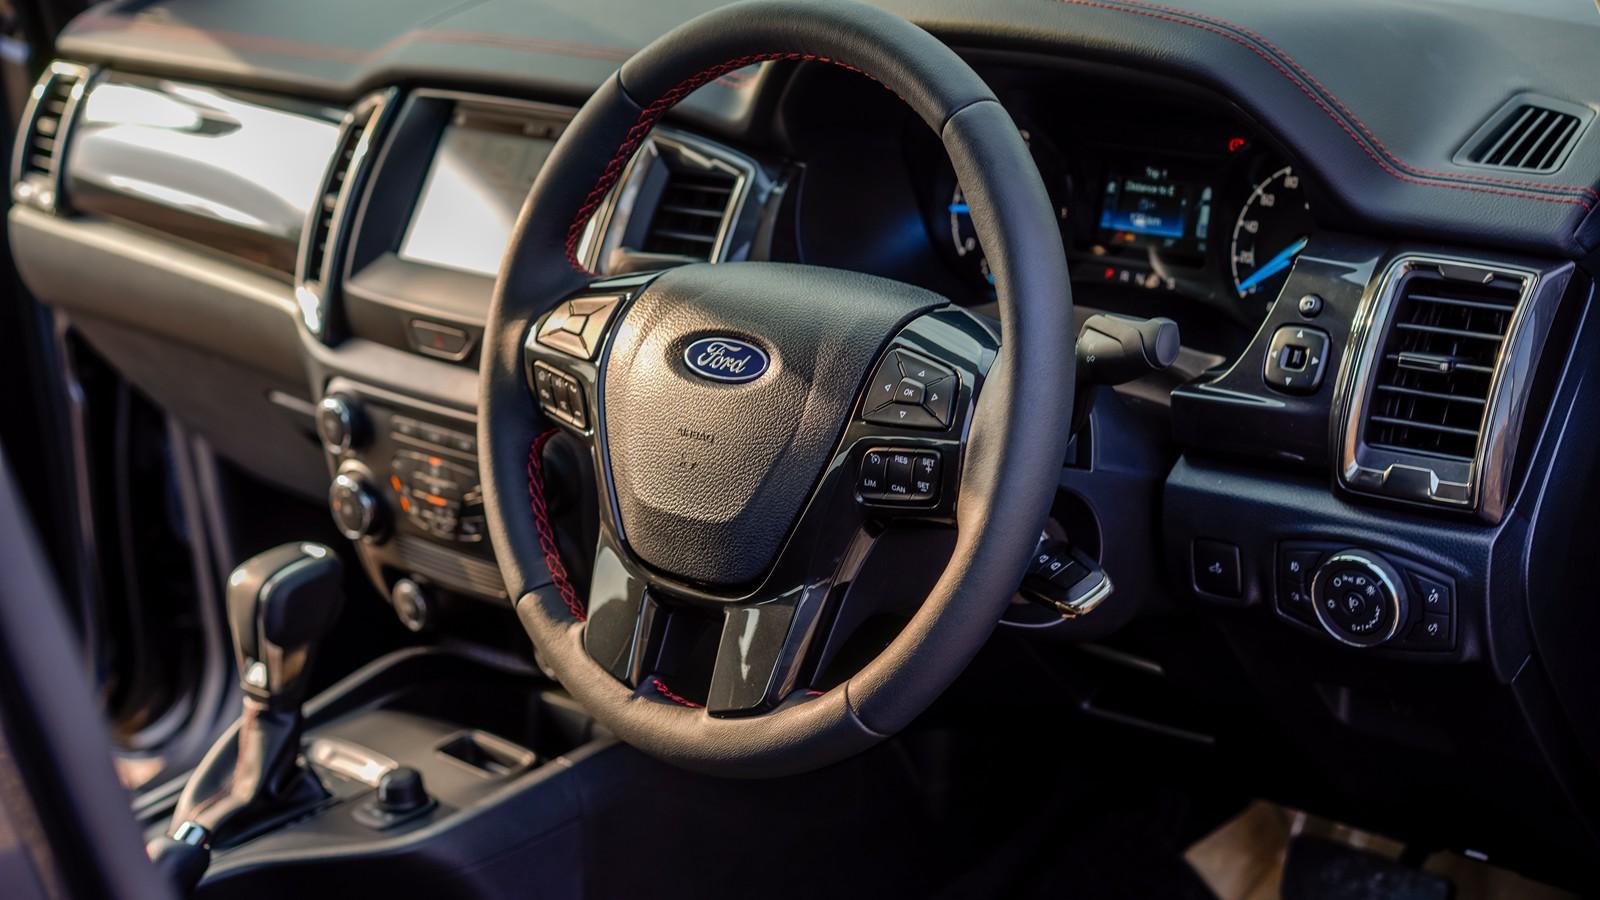 2020 Ford Ranger FX4 Interior 002